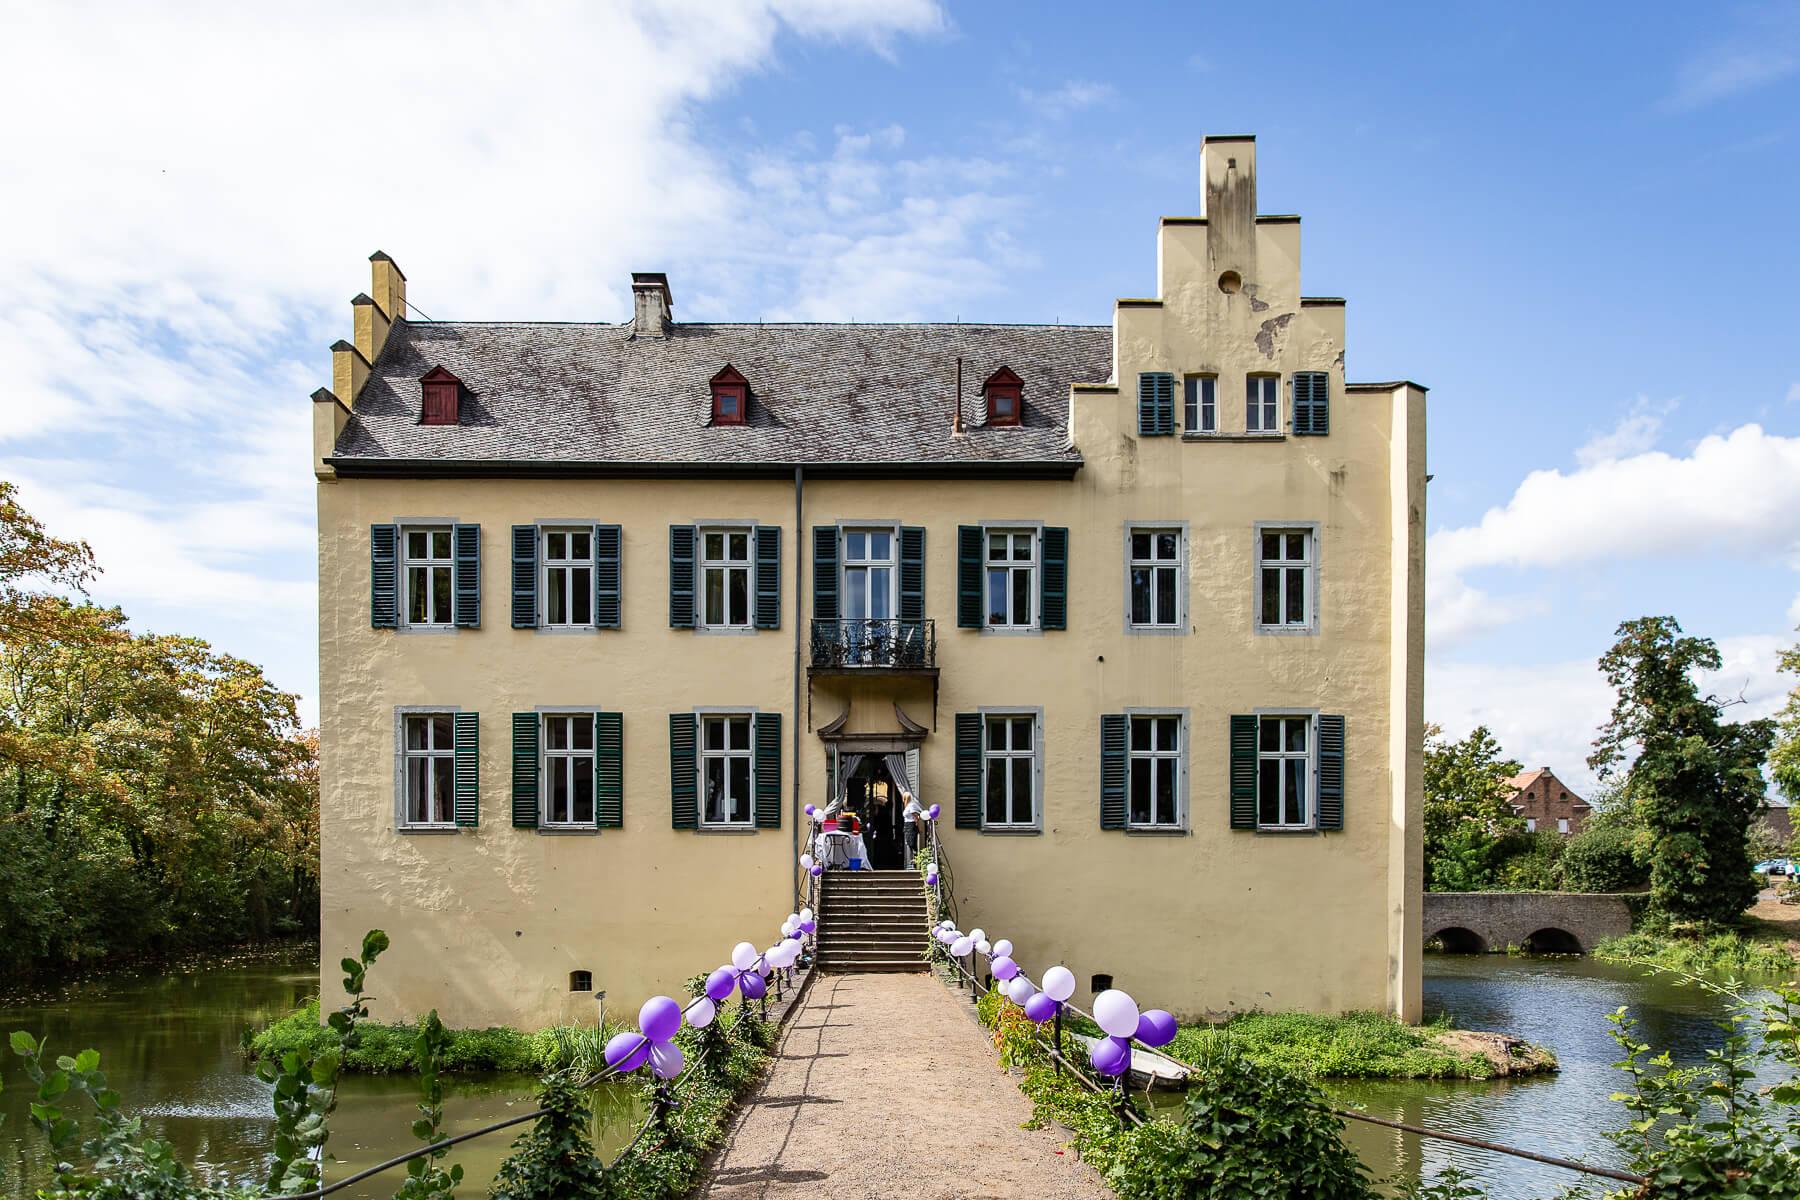 Hochzeitsreportage  Fotograf  Hochzeit  Wasserschloss Morenhoven  Rheinbach 01